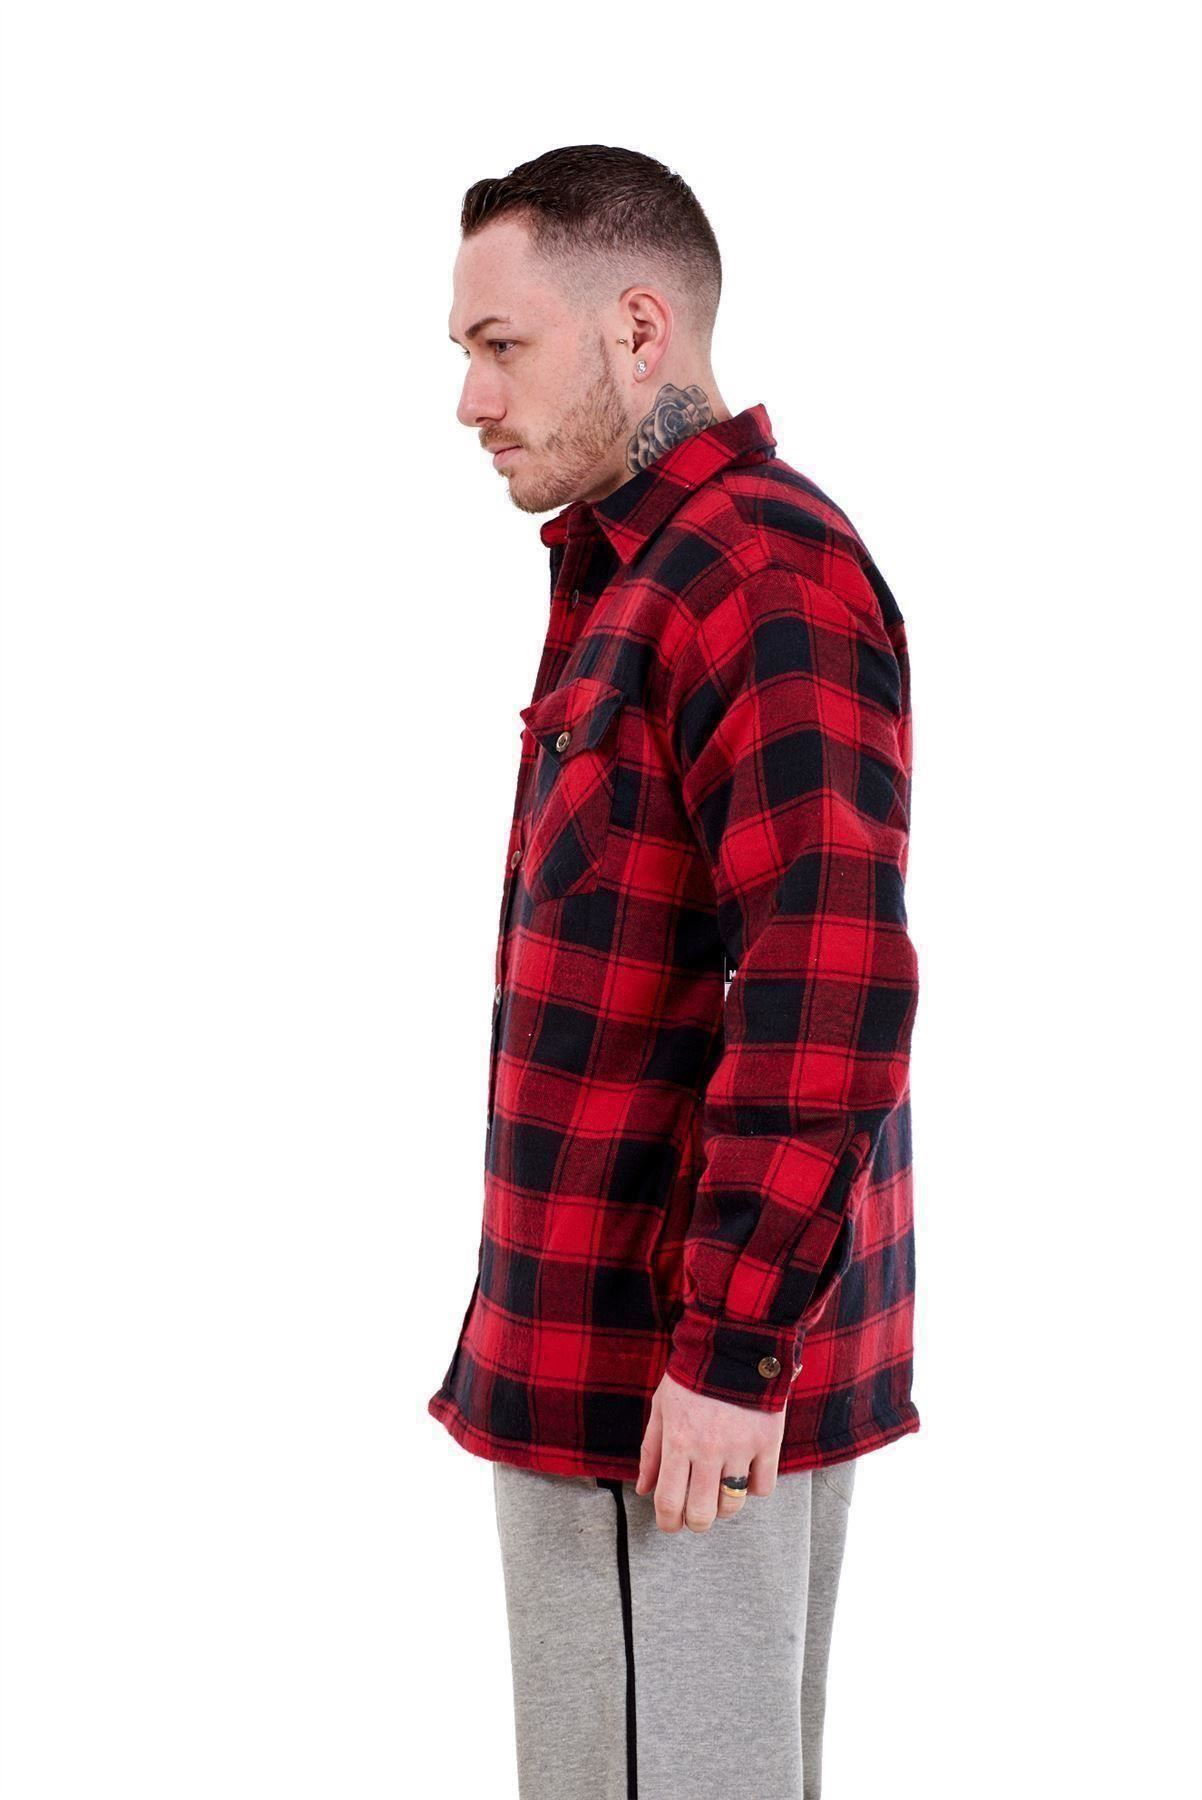 Flanella-Da-Uomo-Imbottito-Work-Shirt-Filato-Tinto-trapuntato-boscaiolo-Giacca-Regolare-amp-Big miniatura 16